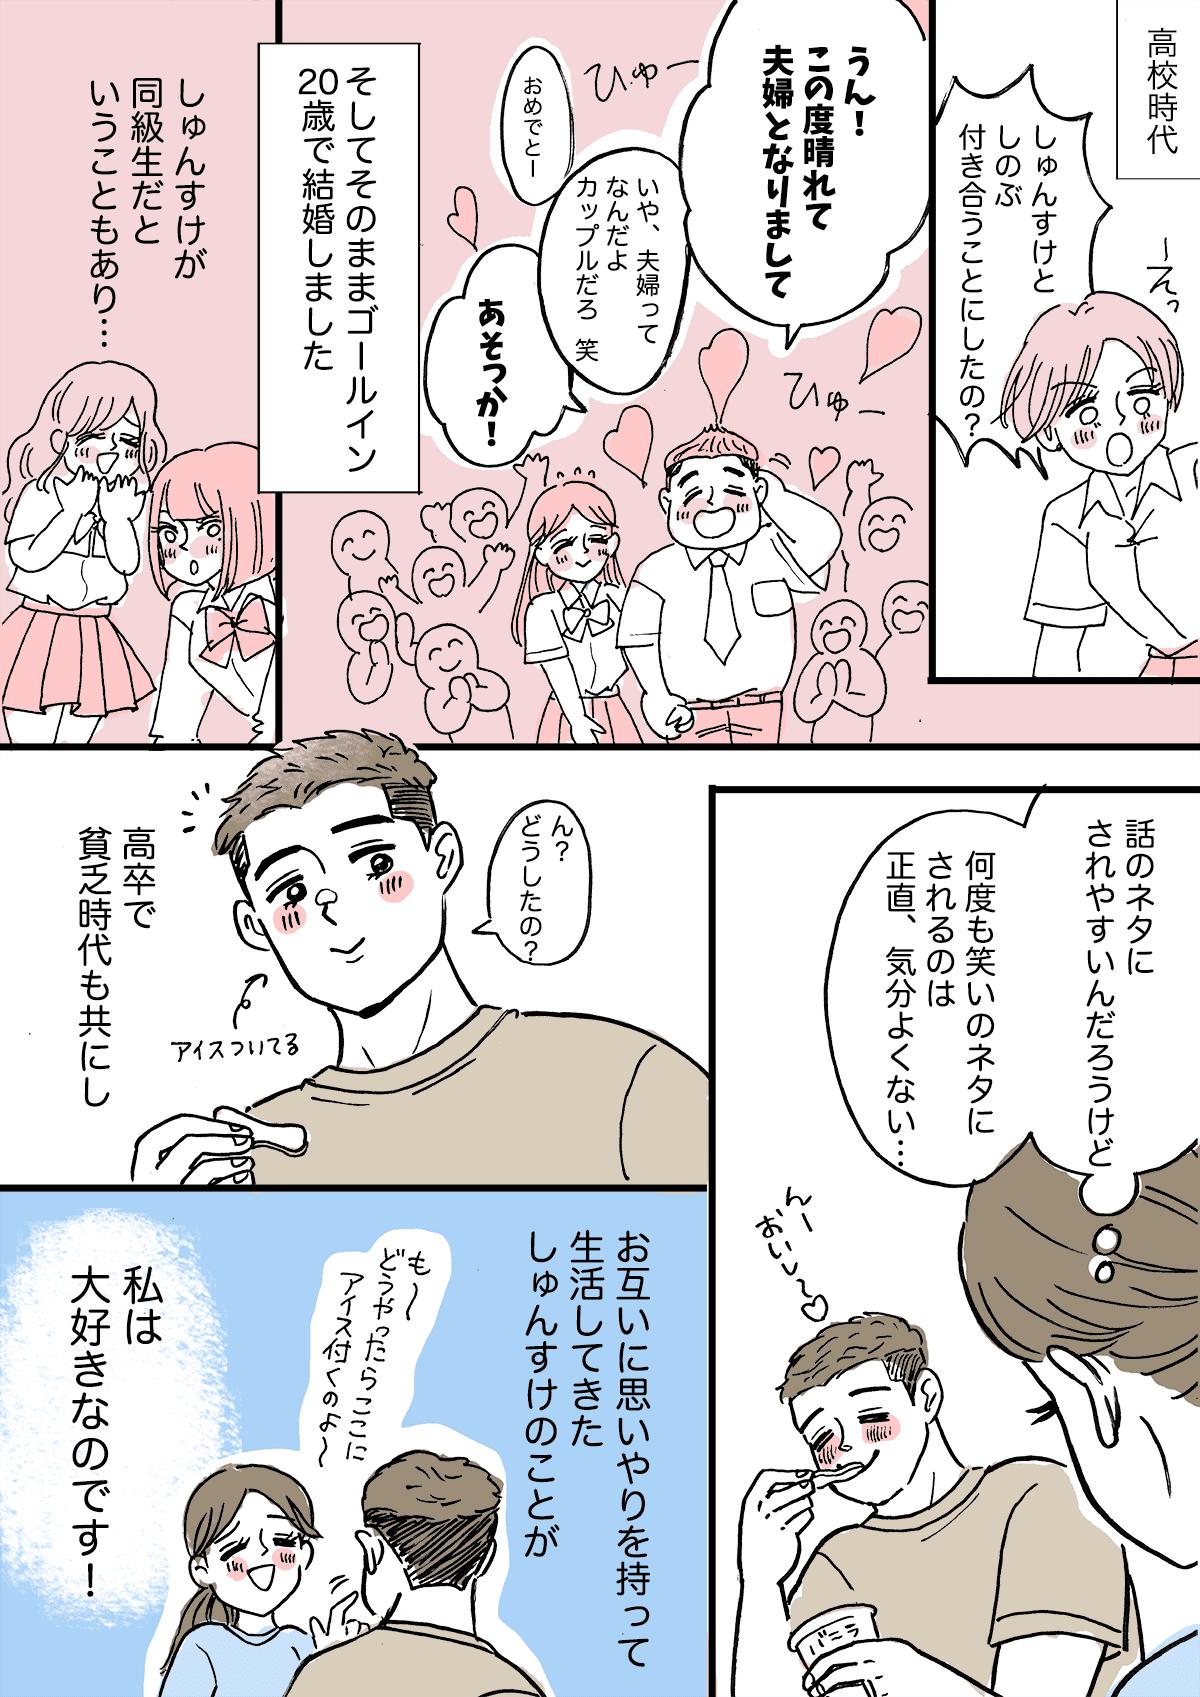 「同級生たちの旦那マウント1」2 (1)